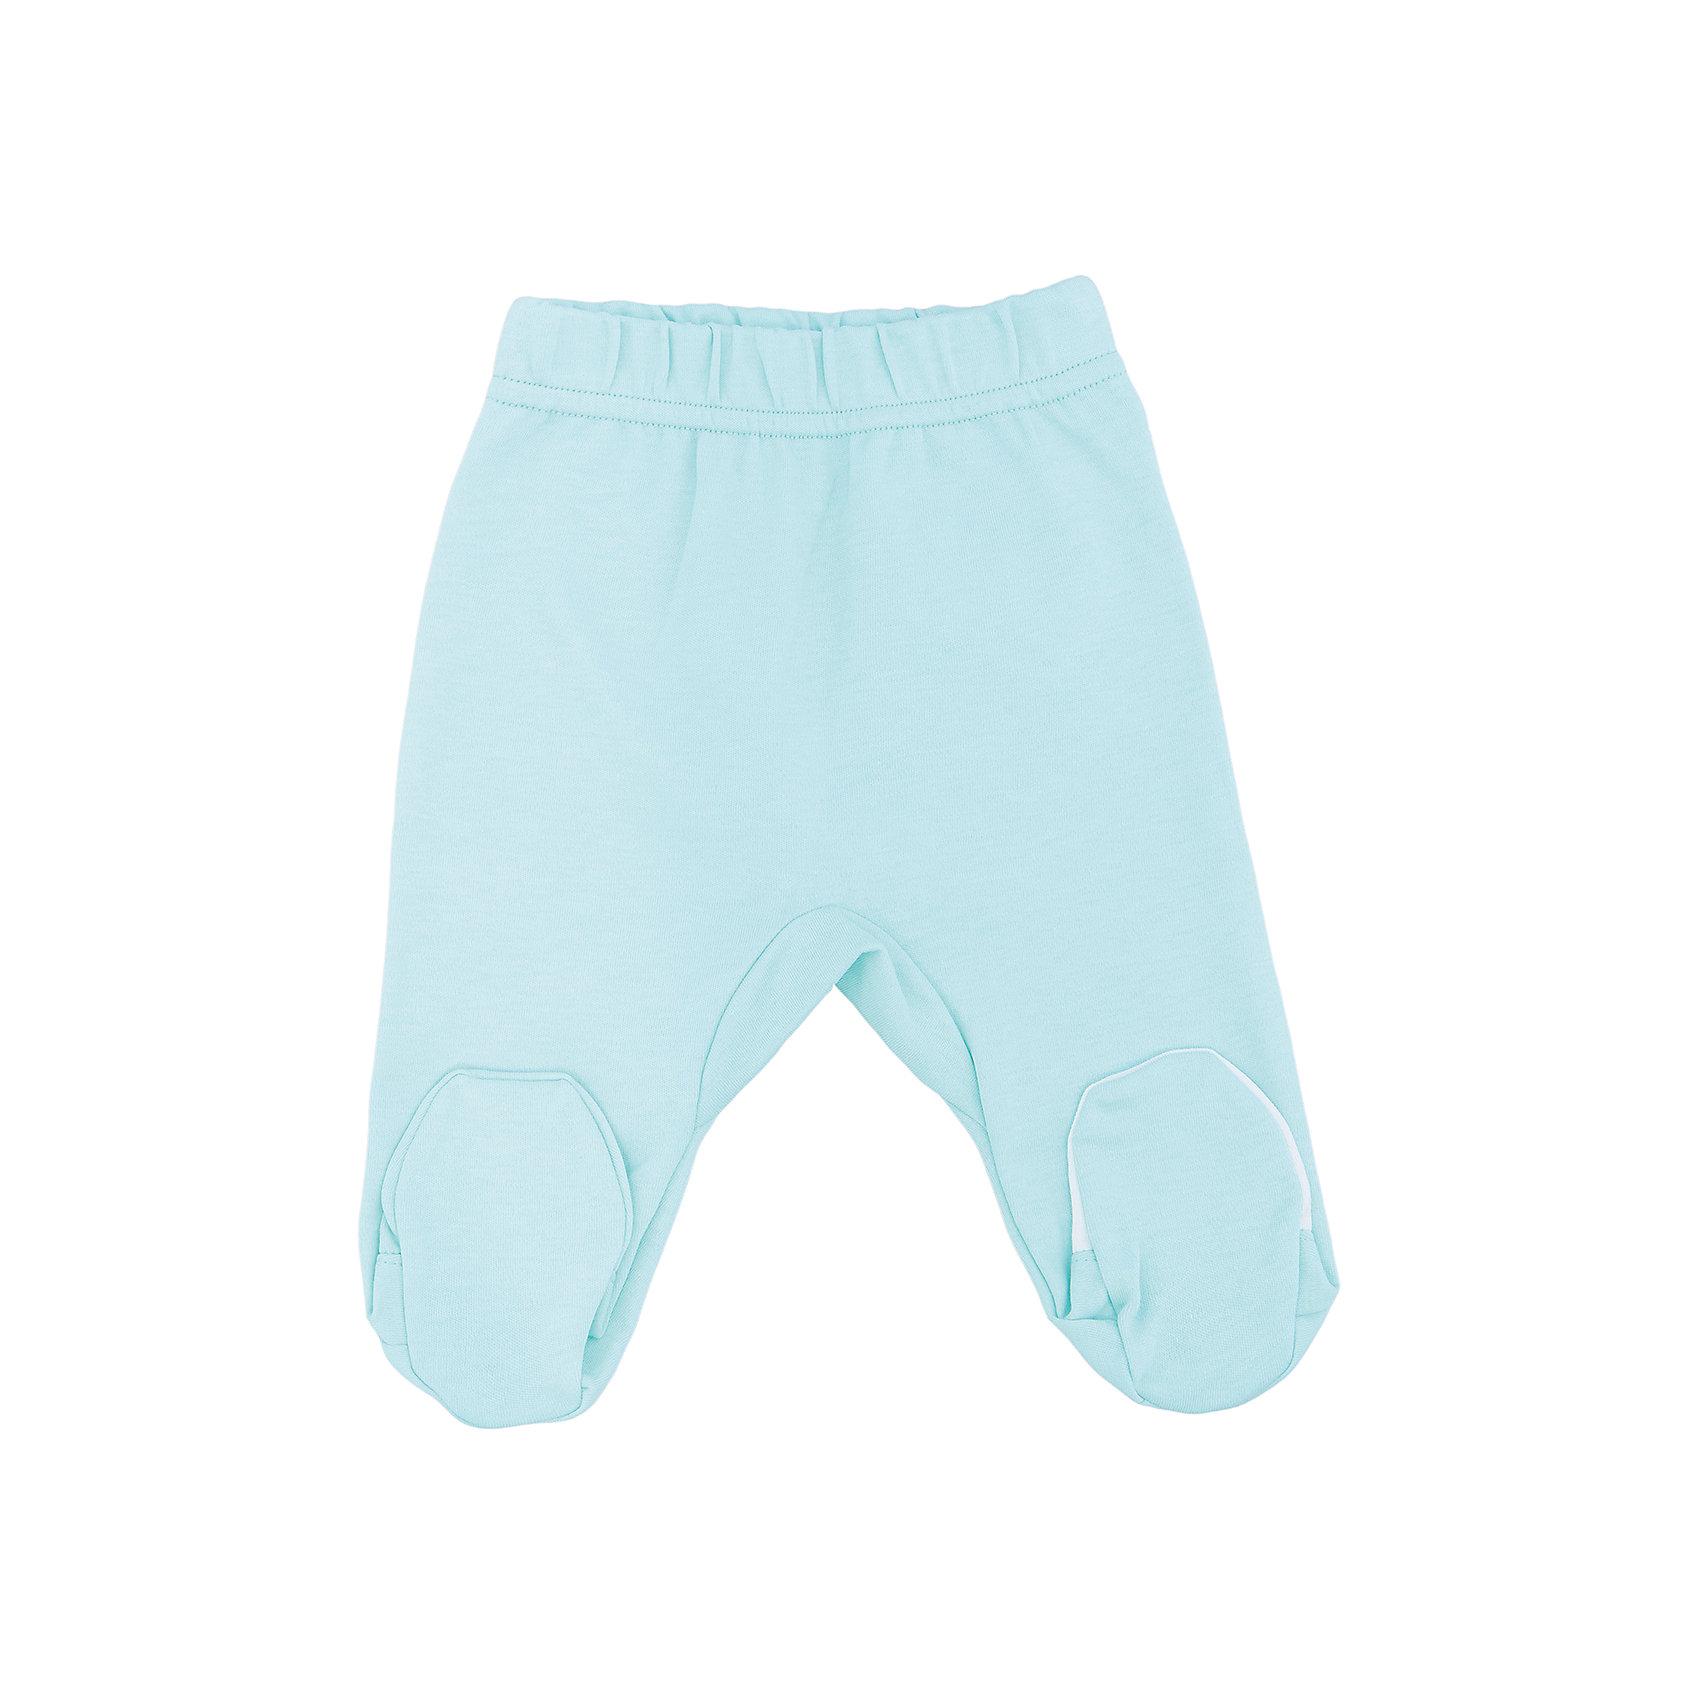 Ползунки для девочки МамуляндияПолзунки и штанишки<br>Ползунки  из дизайнерской коллекции для девочек , выполнены из трикотажноготна высшего качества (интерлок пенье).  Декорированы гипоаллергенным принтом на водной основе. Стирать при температуре 40, носить с удовольствием. 100% хлопок<br><br>Ширина мм: 157<br>Глубина мм: 13<br>Высота мм: 119<br>Вес г: 200<br>Цвет: голубой<br>Возраст от месяцев: 0<br>Возраст до месяцев: 3<br>Пол: Женский<br>Возраст: Детский<br>Размер: 56,62,68,74,80<br>SKU: 4735565